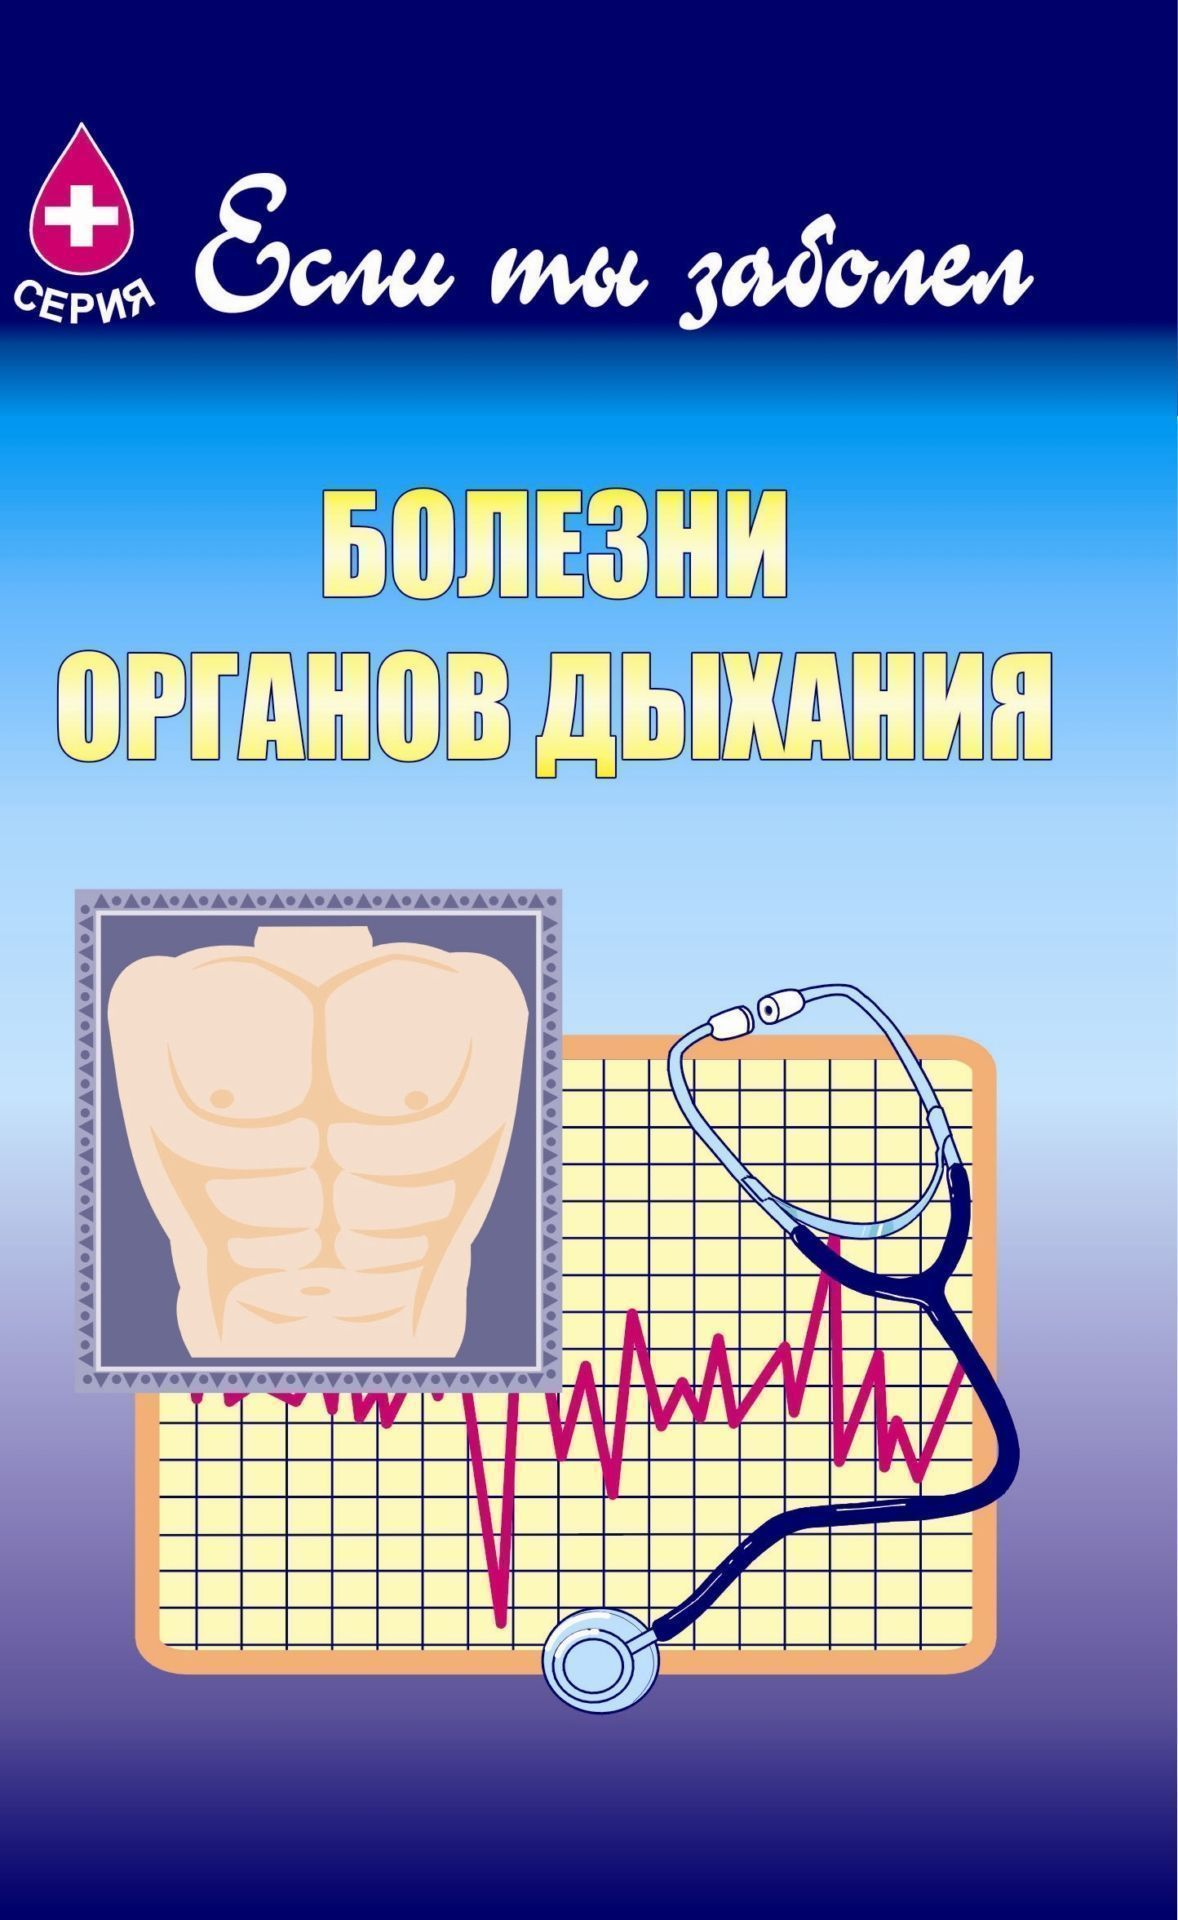 Болезни органов дыханияЗдоровье<br>(без аннотации)<br><br>Авторы: Хортиева С. С.<br>Год: 2005<br>Серия: Если ты заболел<br>ISBN: 5-7057-0059-8<br>Высота: 195<br>Ширина: 140<br>Толщина: 3